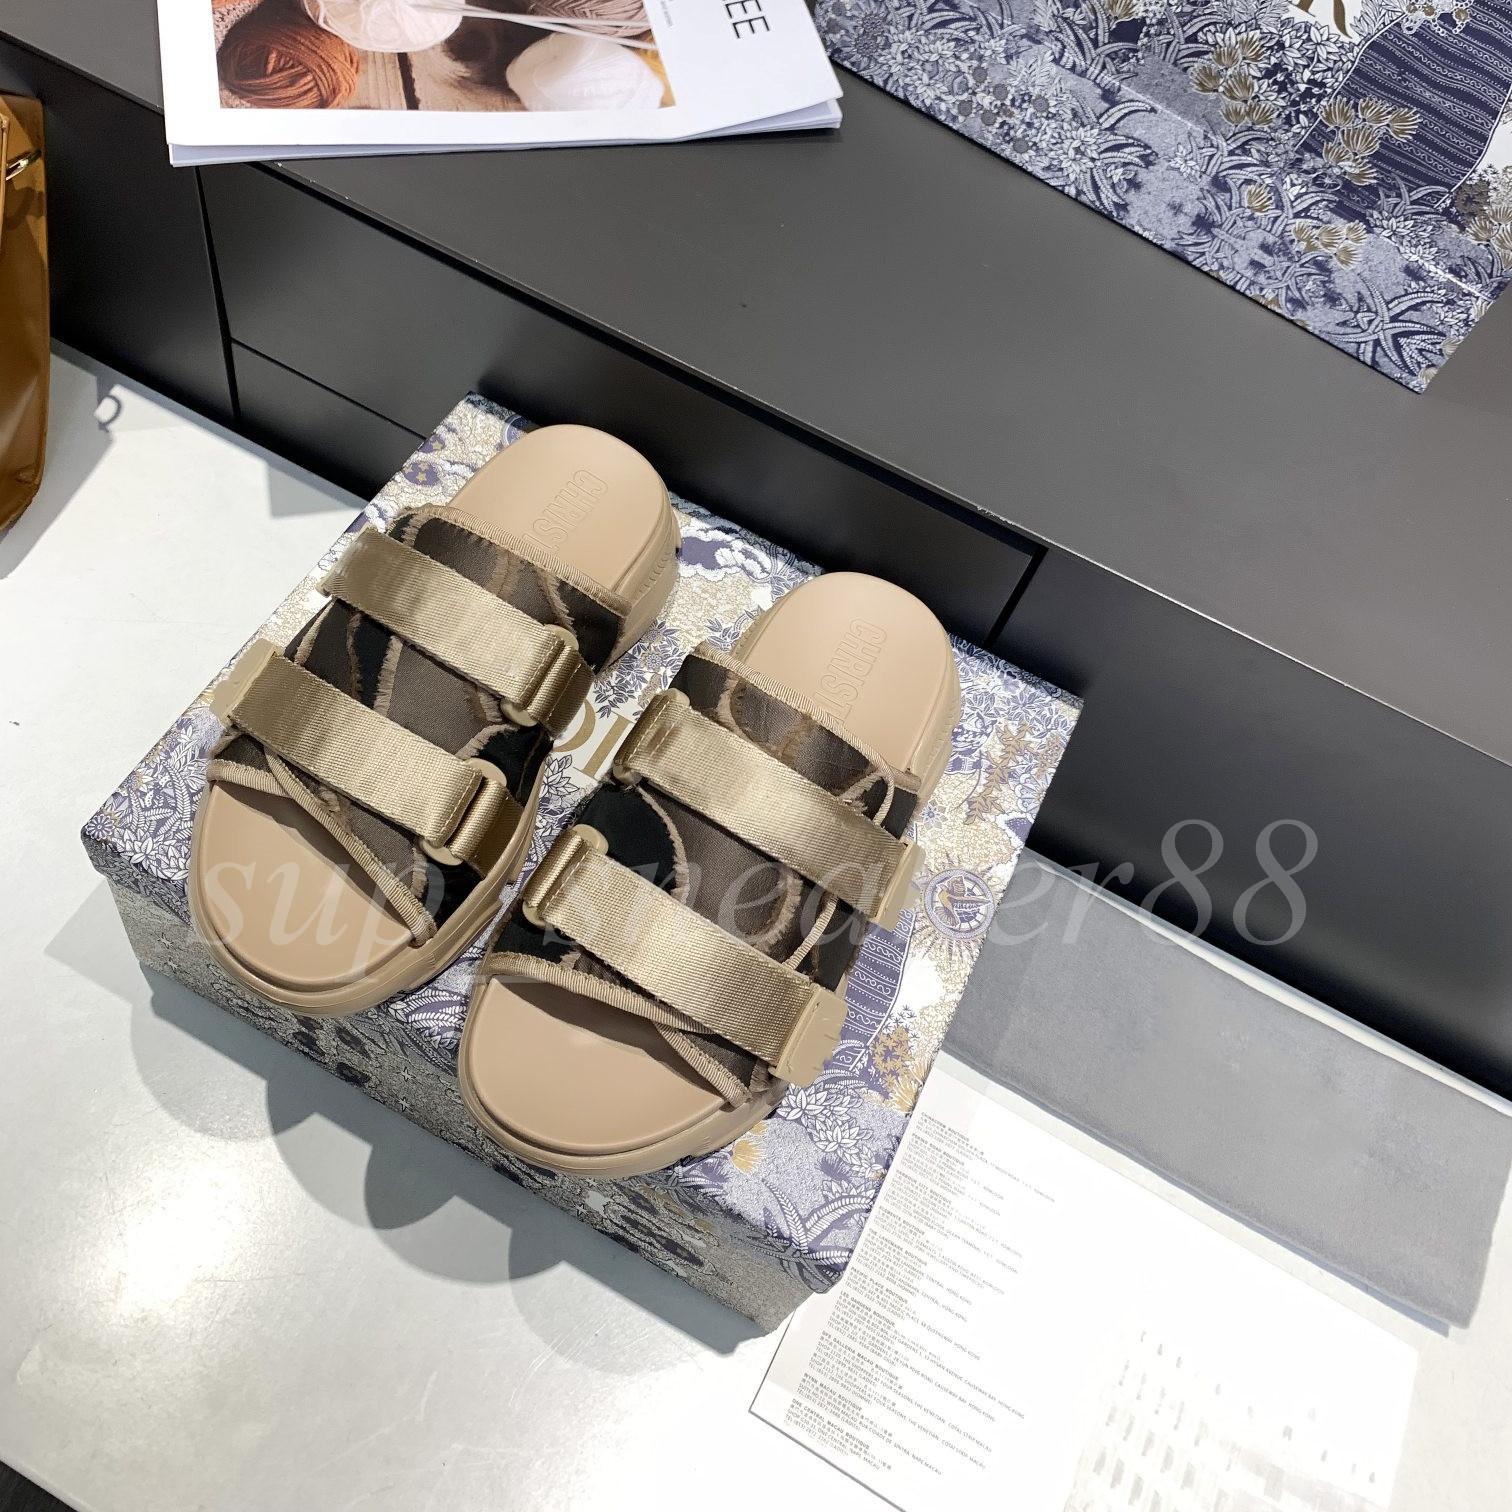 2021 Sandalias Zapatillas Oro Patente Inlaid Para Mujer Tobillo Lace Up Mujeres Gruesa Parte Impermeable Plataforma Falda de fiesta de tacón alto con caja Shoe008 100